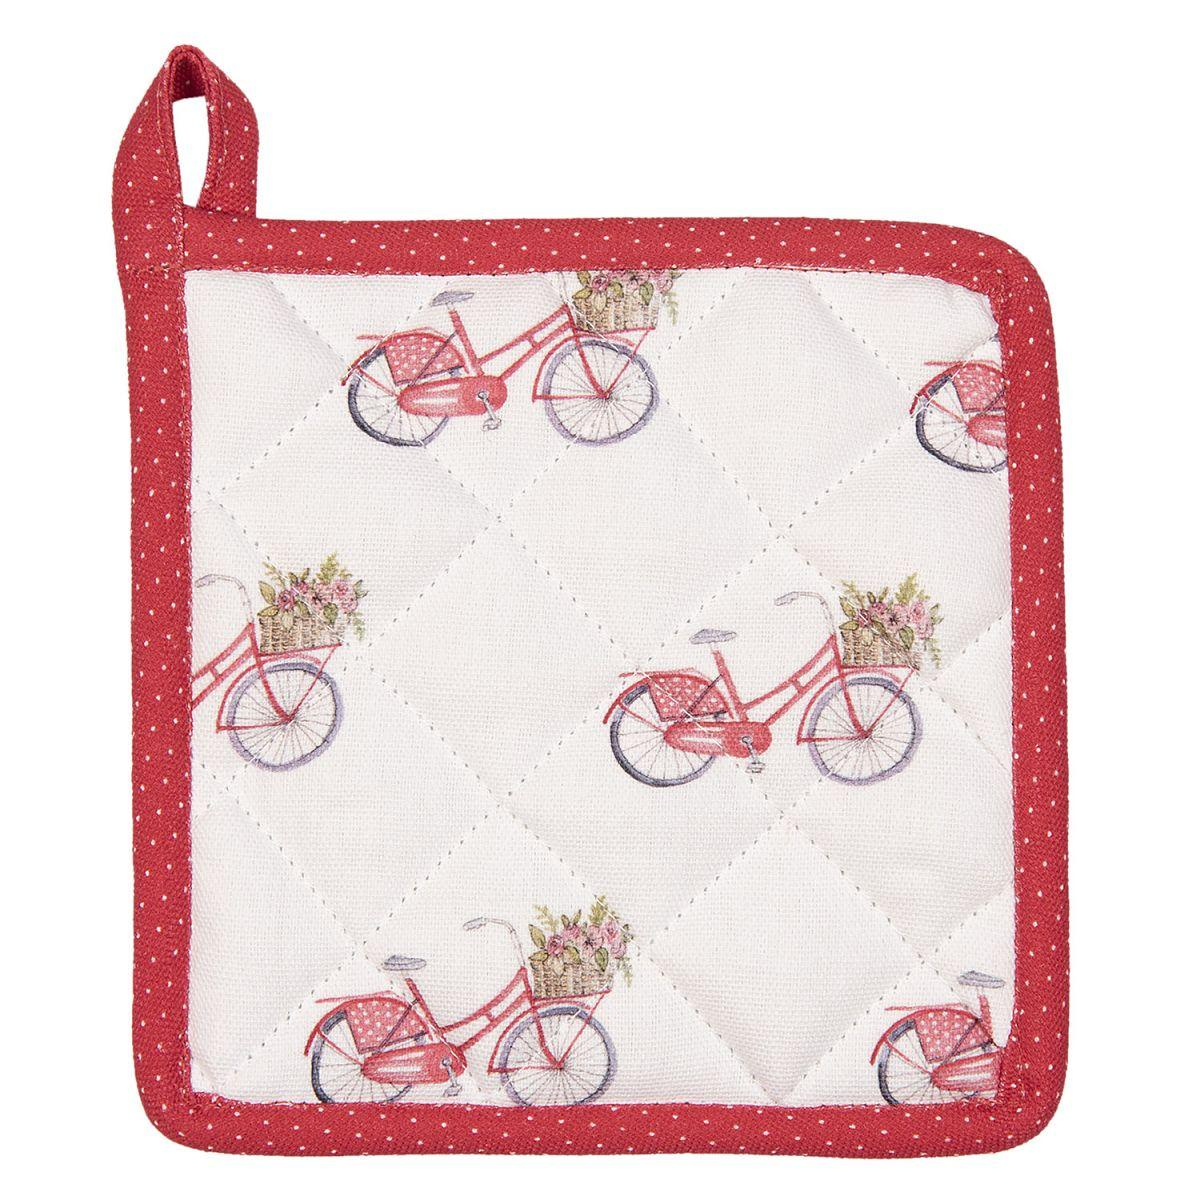 Malá podložka pod hrnec nebo dětská chňapka RED BICYCLE 16*16 cm